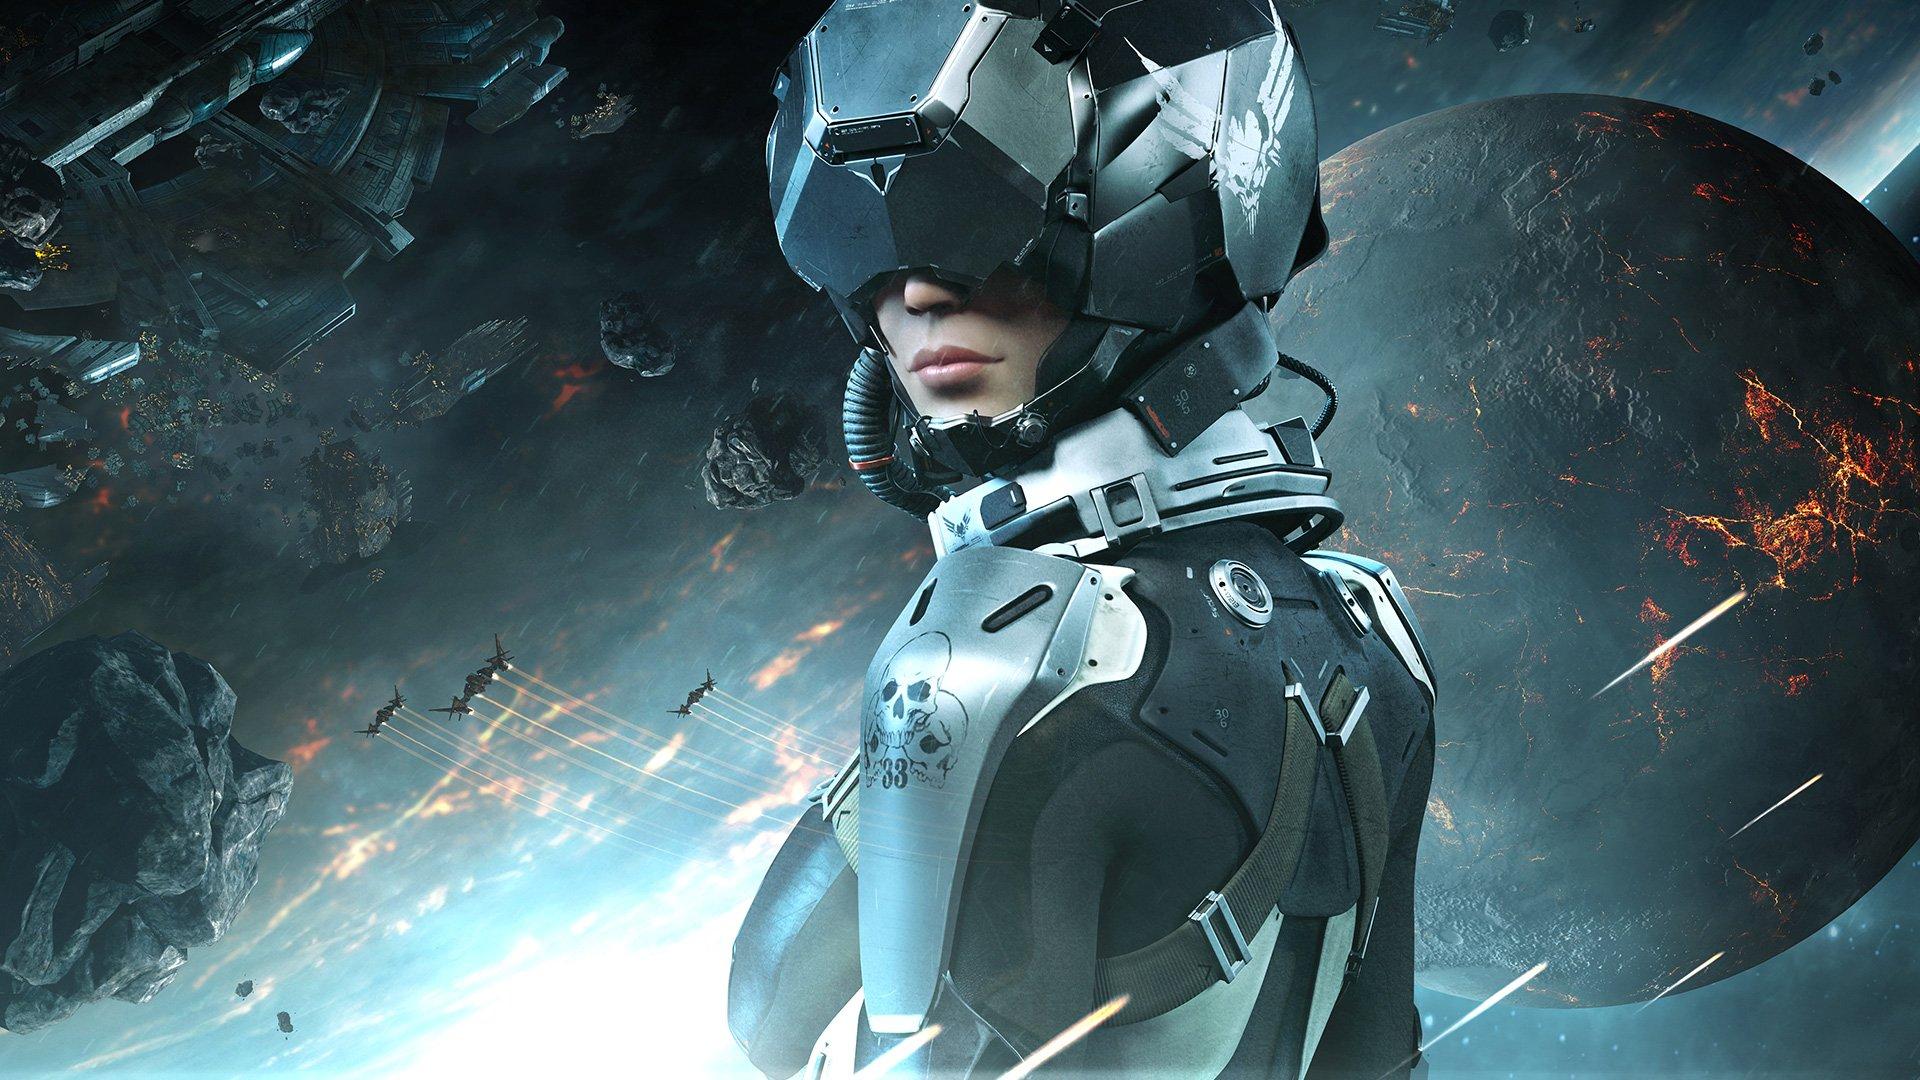 Арты (80+) по вселенной Eve, Dust 514, Valkyrie - Изображение 1